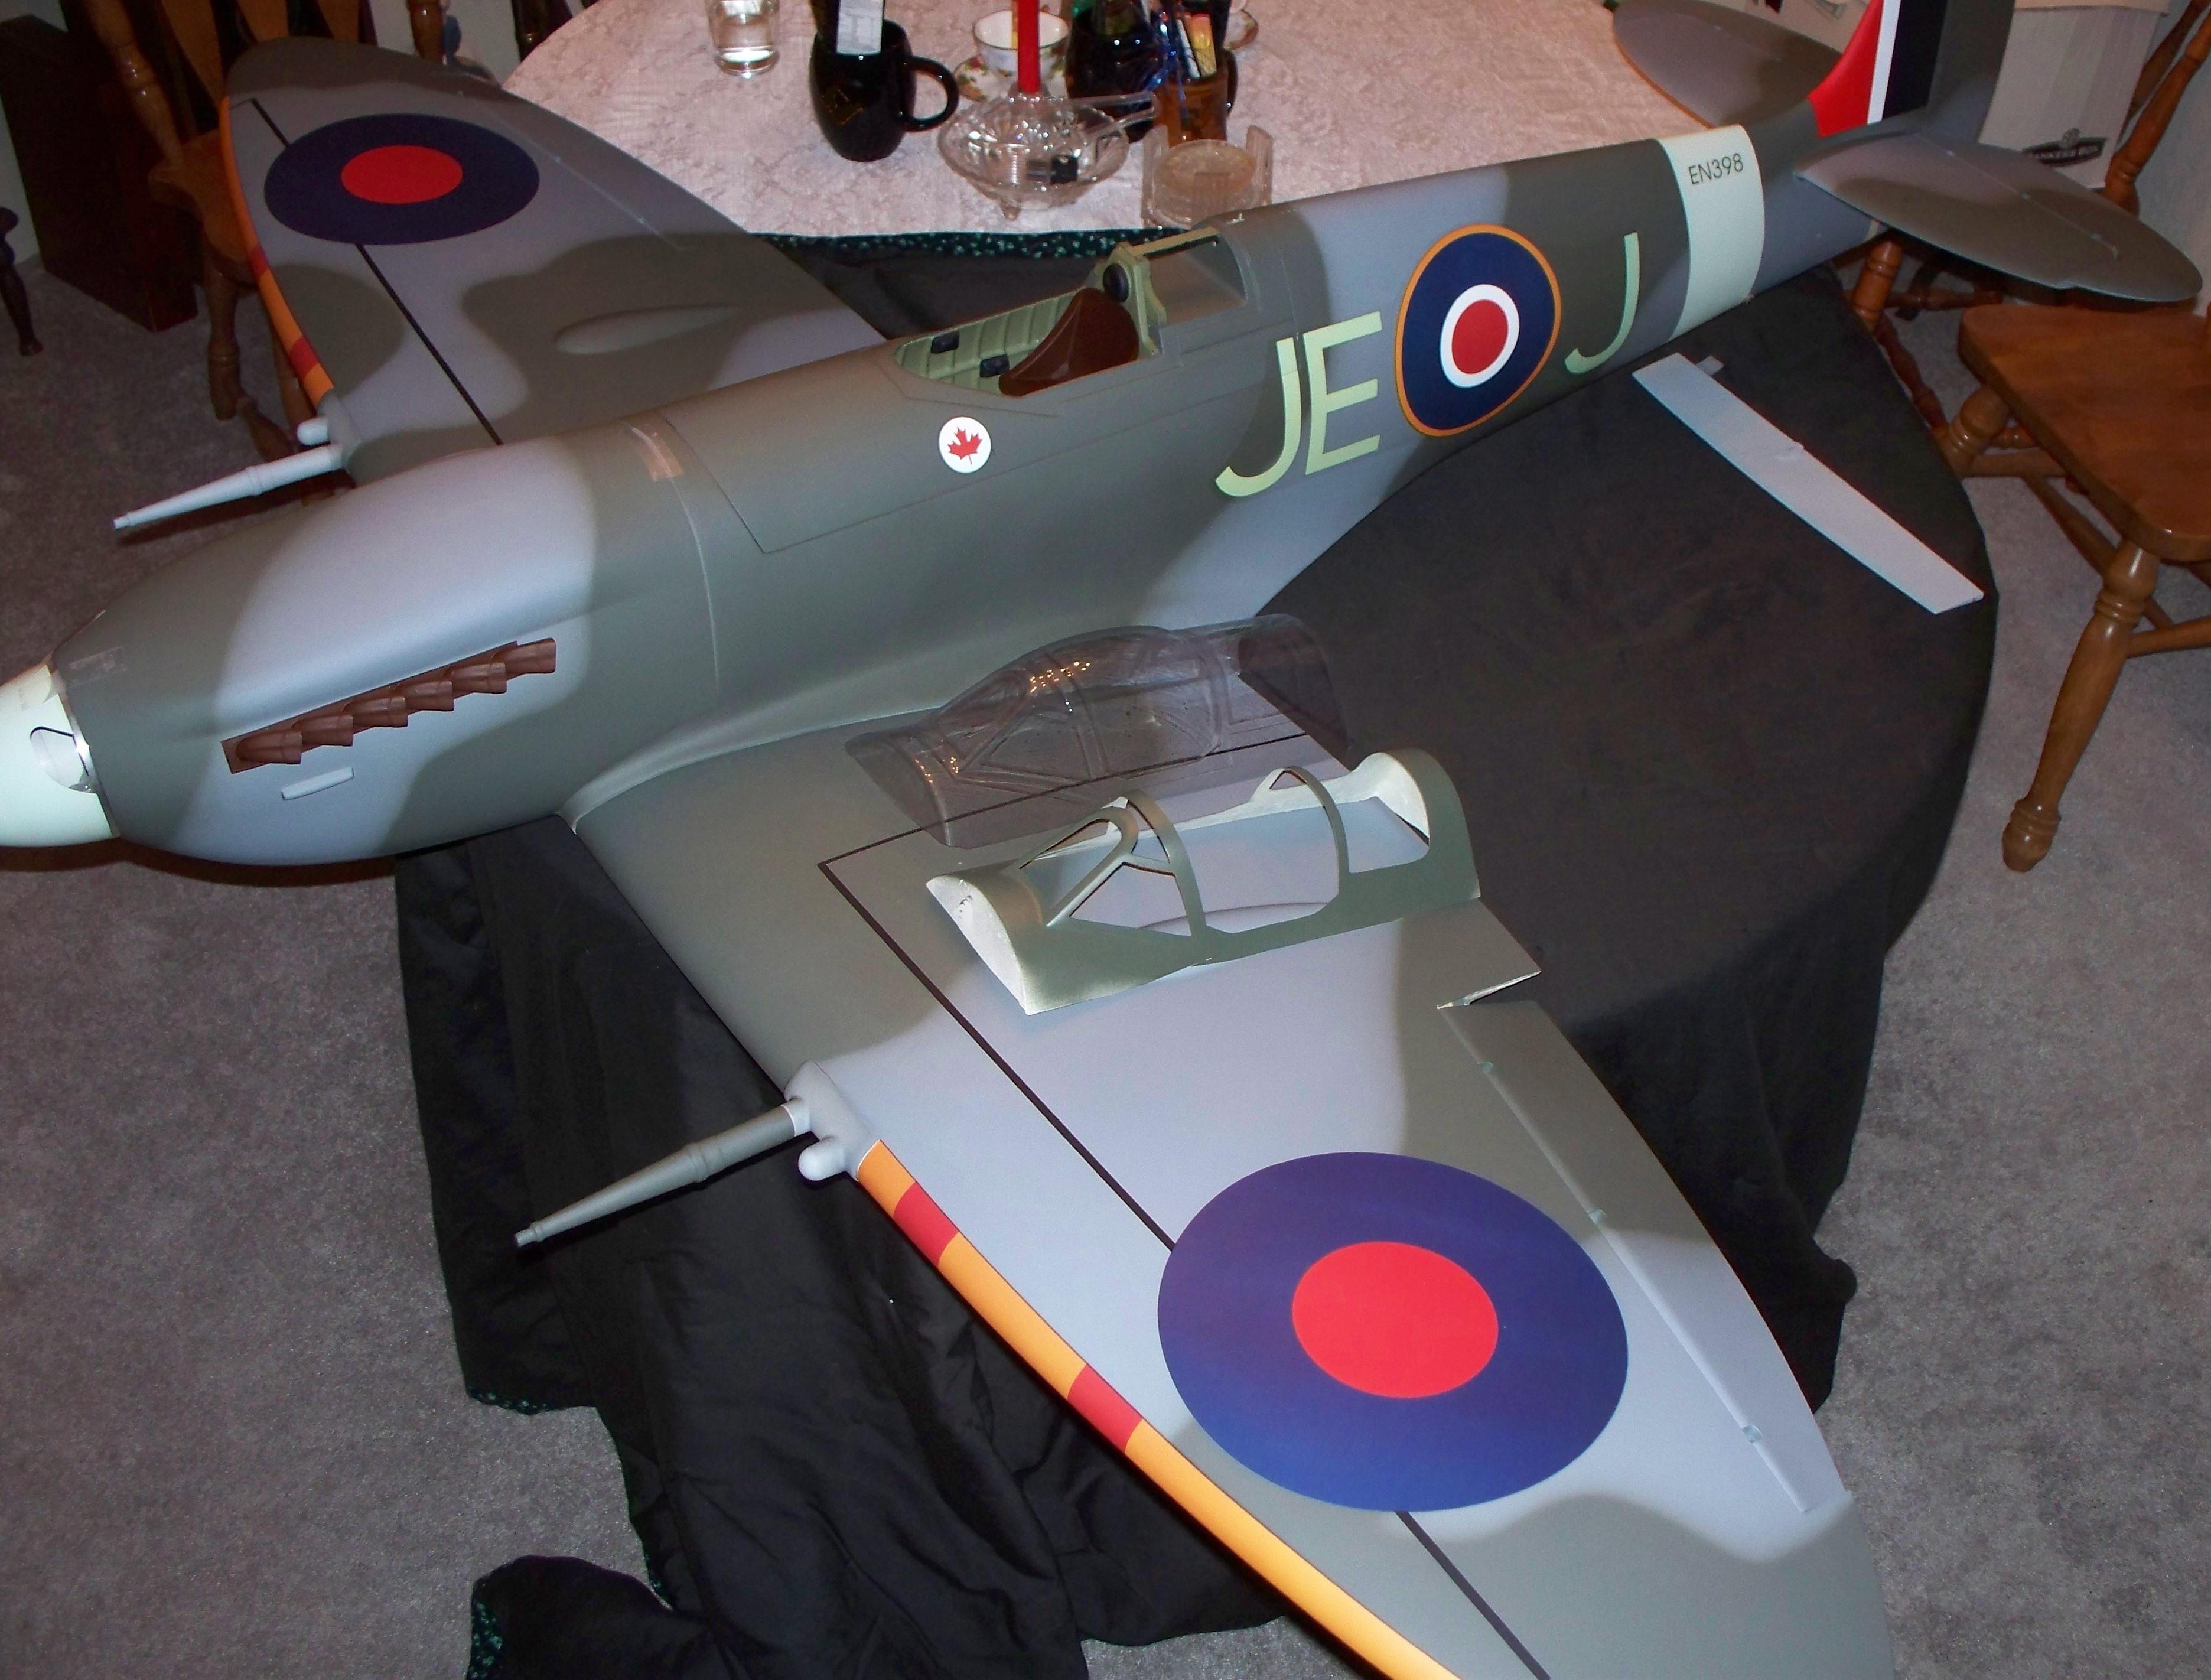 Top RC Models MkIV full Composite Spitfire-a game changer